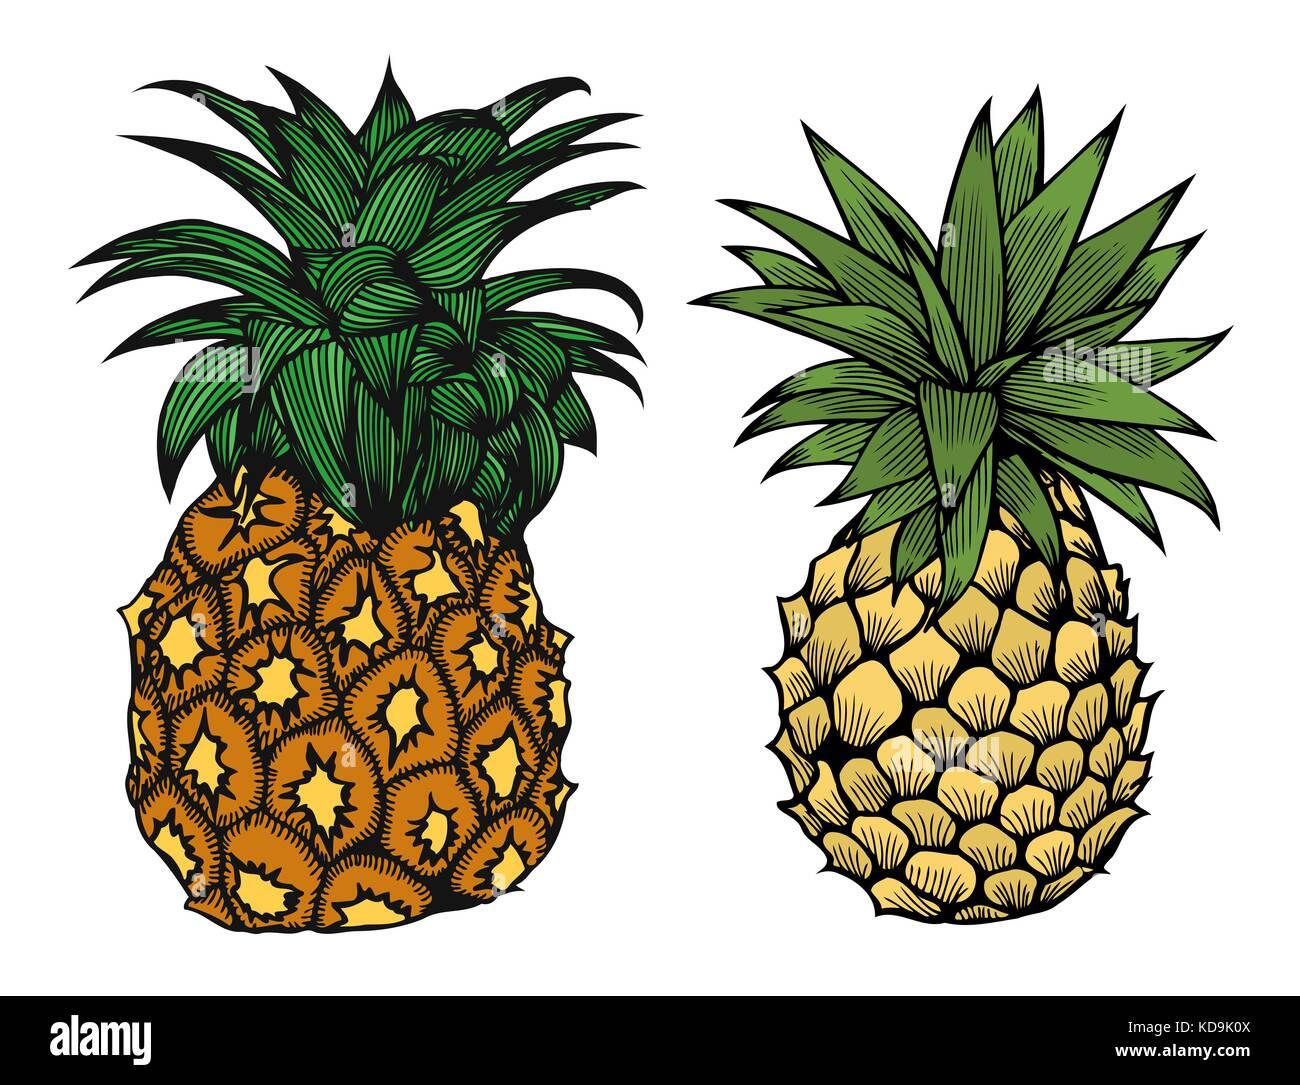 Due Cartoon Ananas Frutta Illustrazione Vettoriale Per Bambini